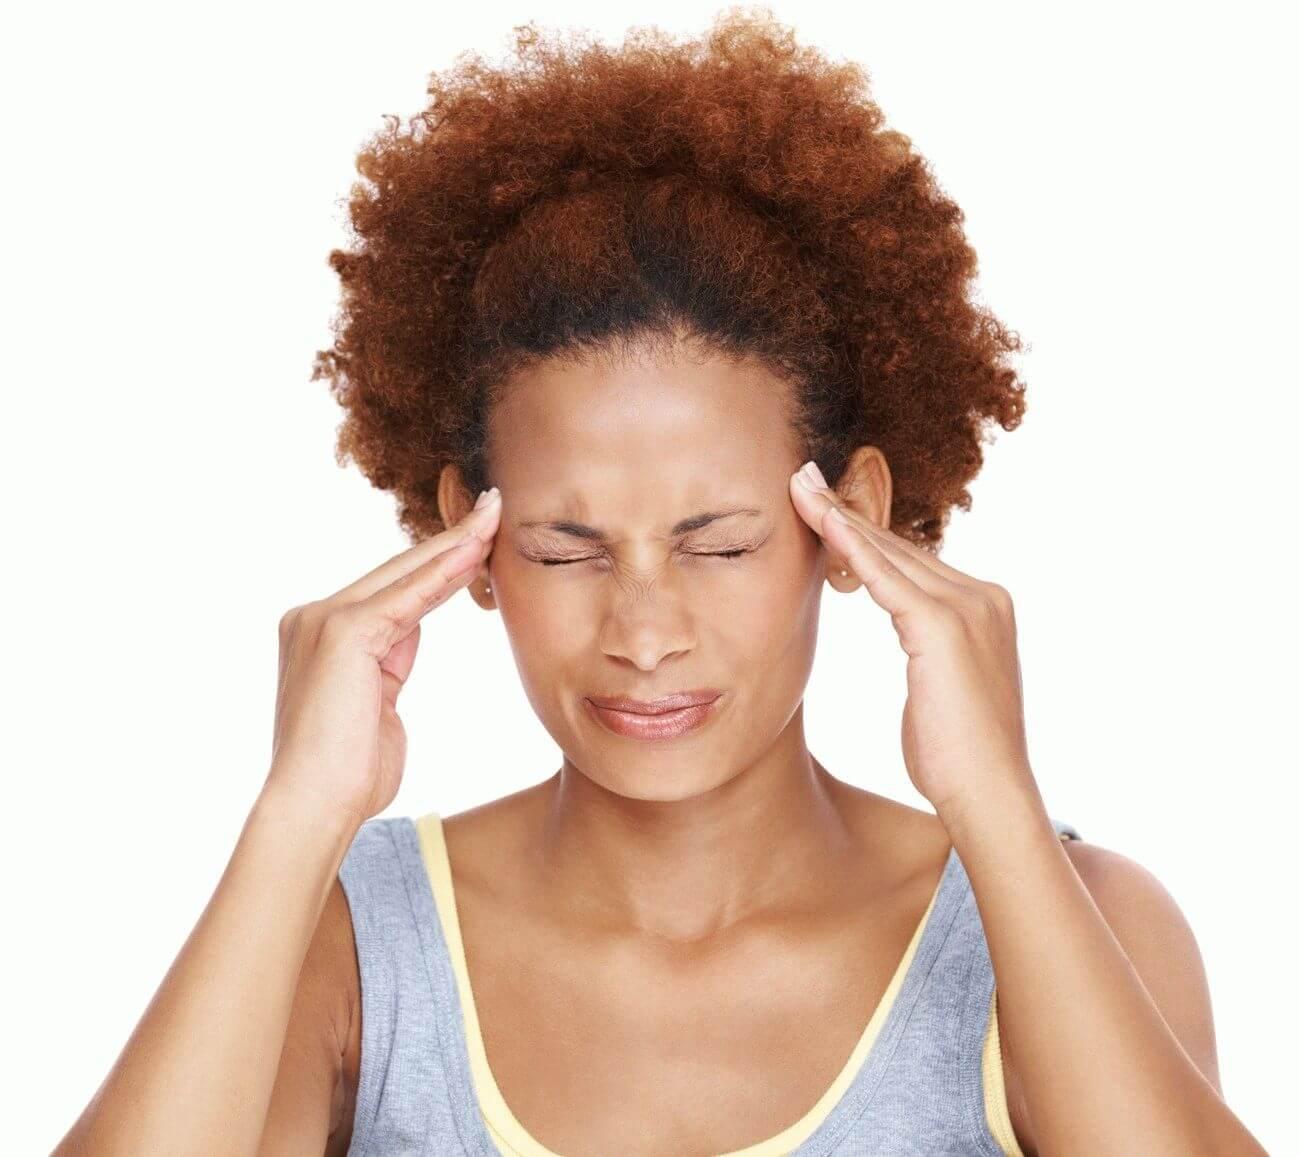 Резкая боль в голове: причины и способы преодоления